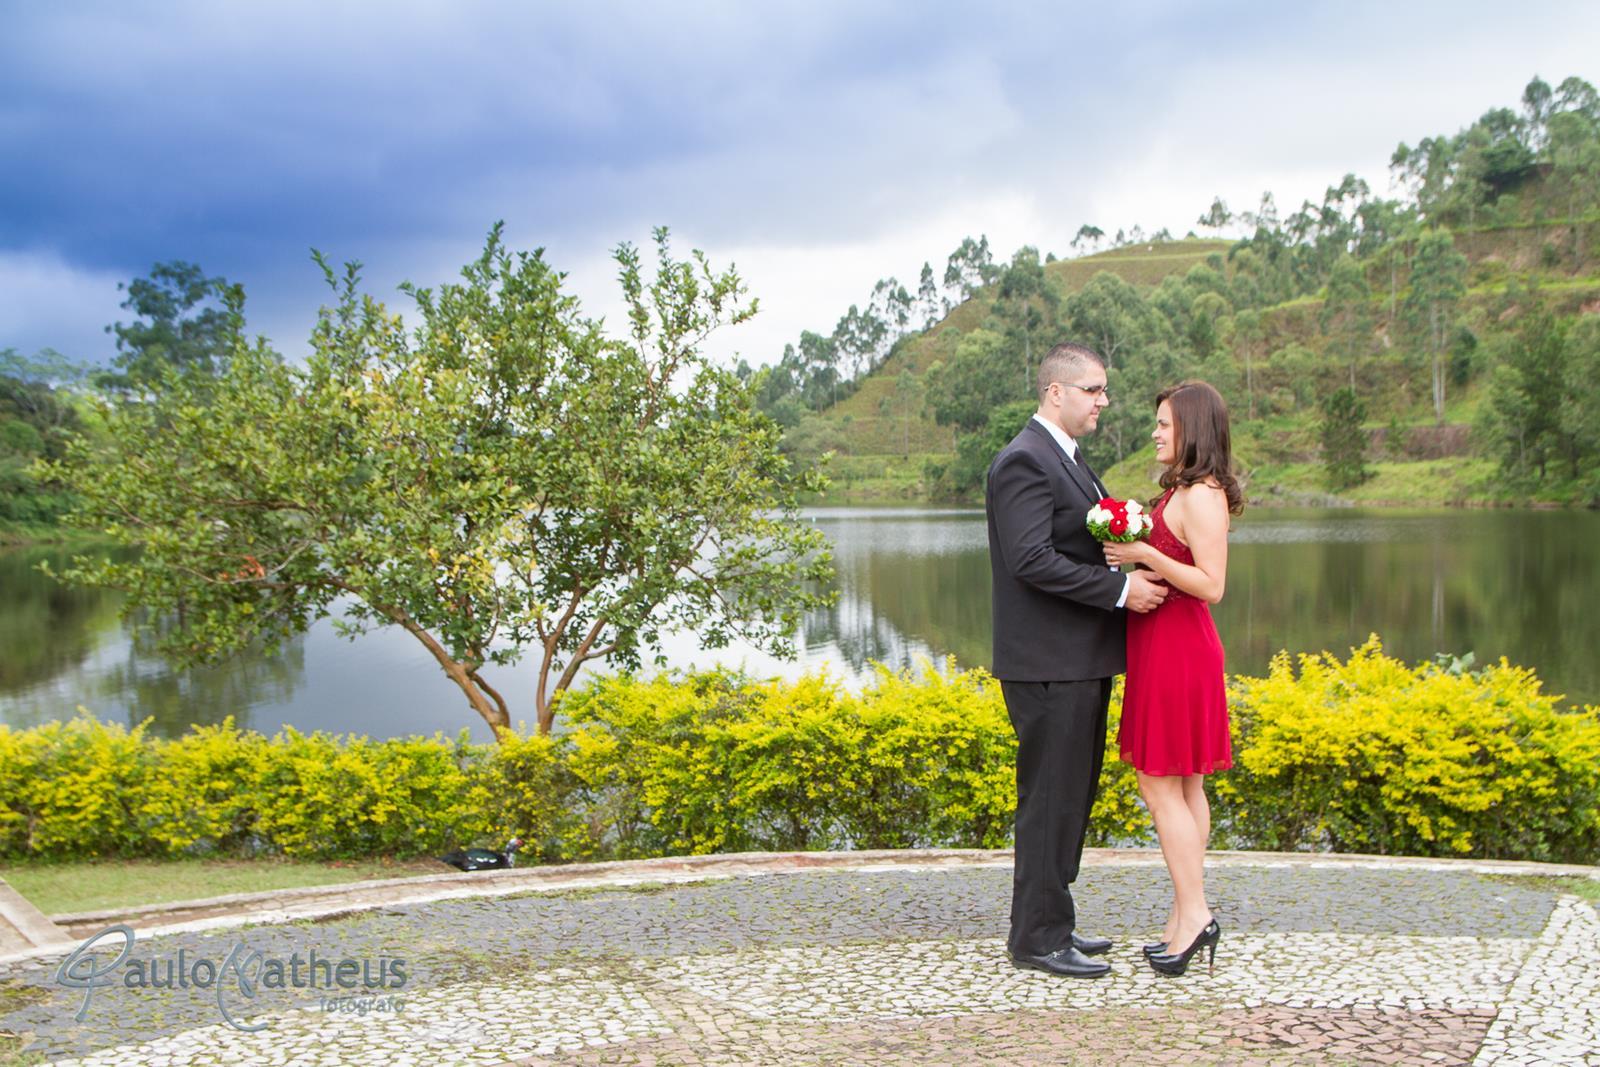 Ensaio fotográfico de casal